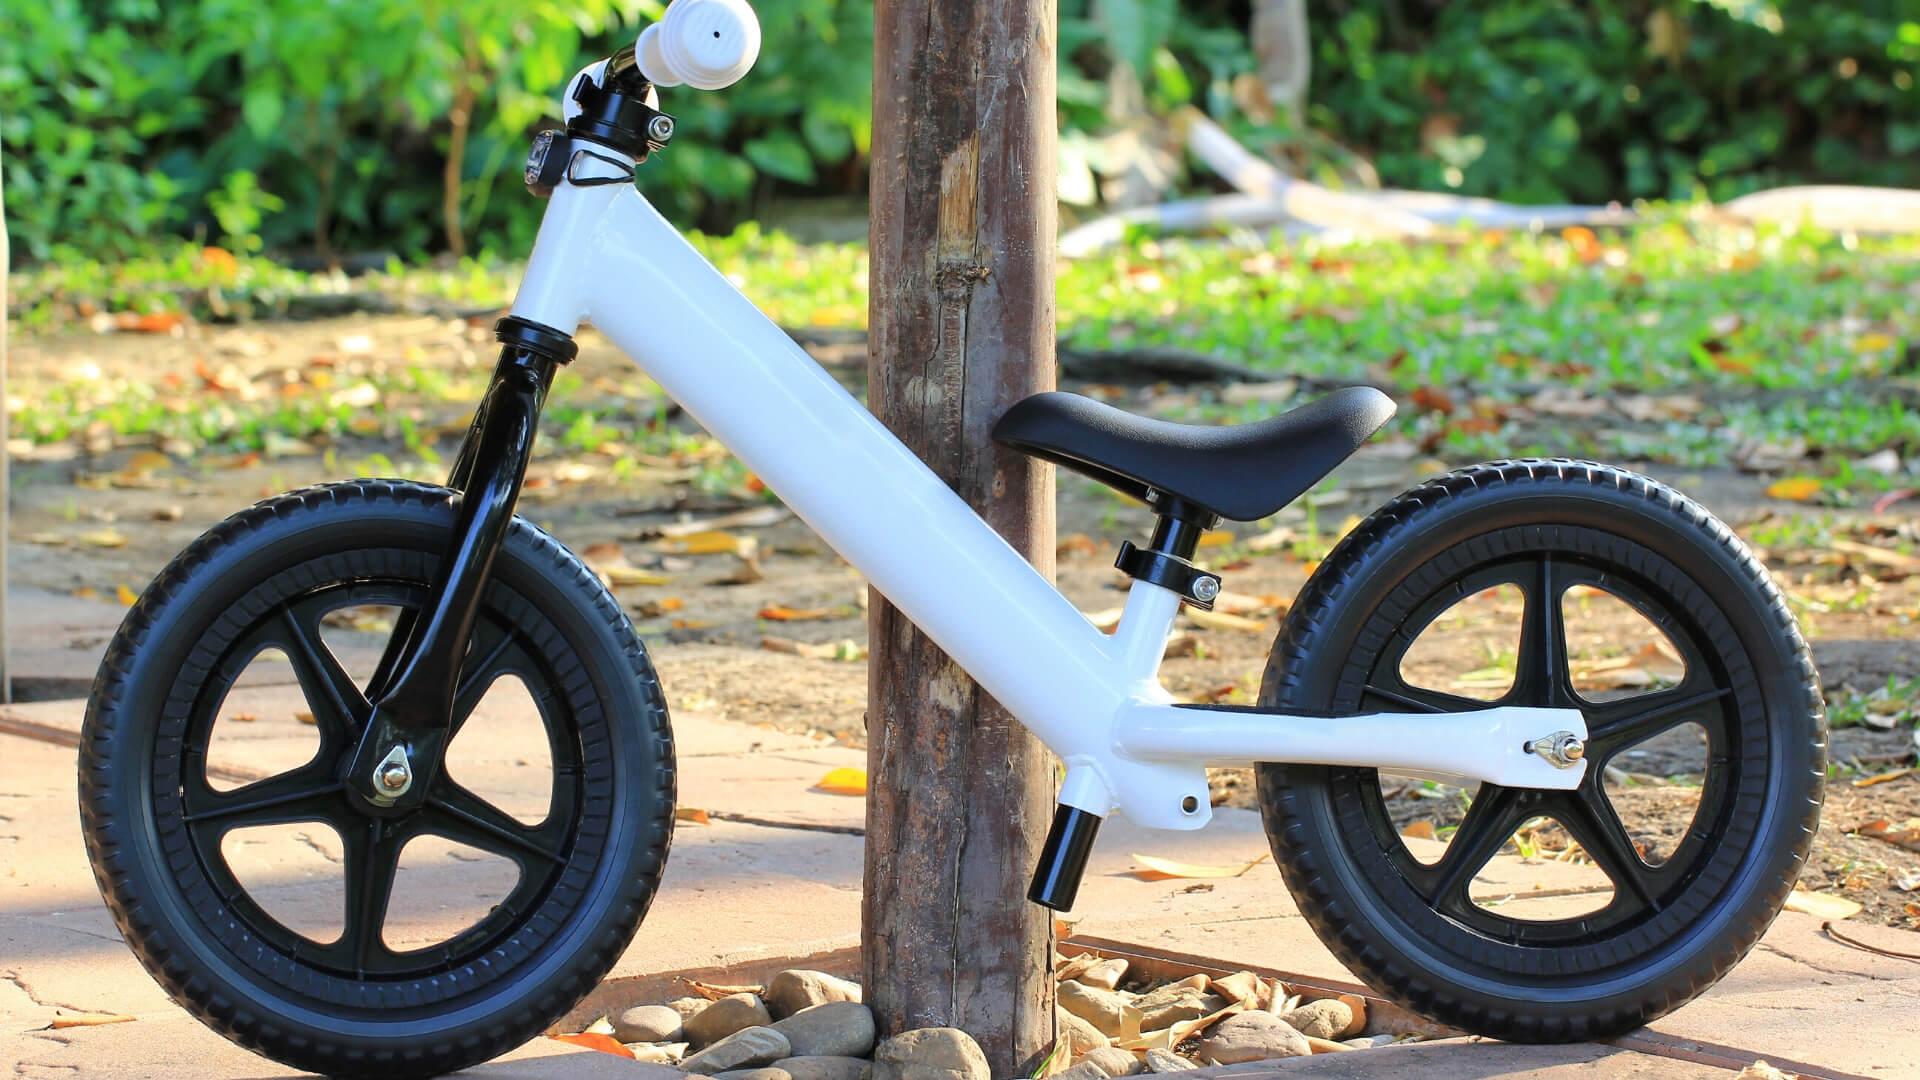 Estas son las mejores bicicletas sin pedales con freno